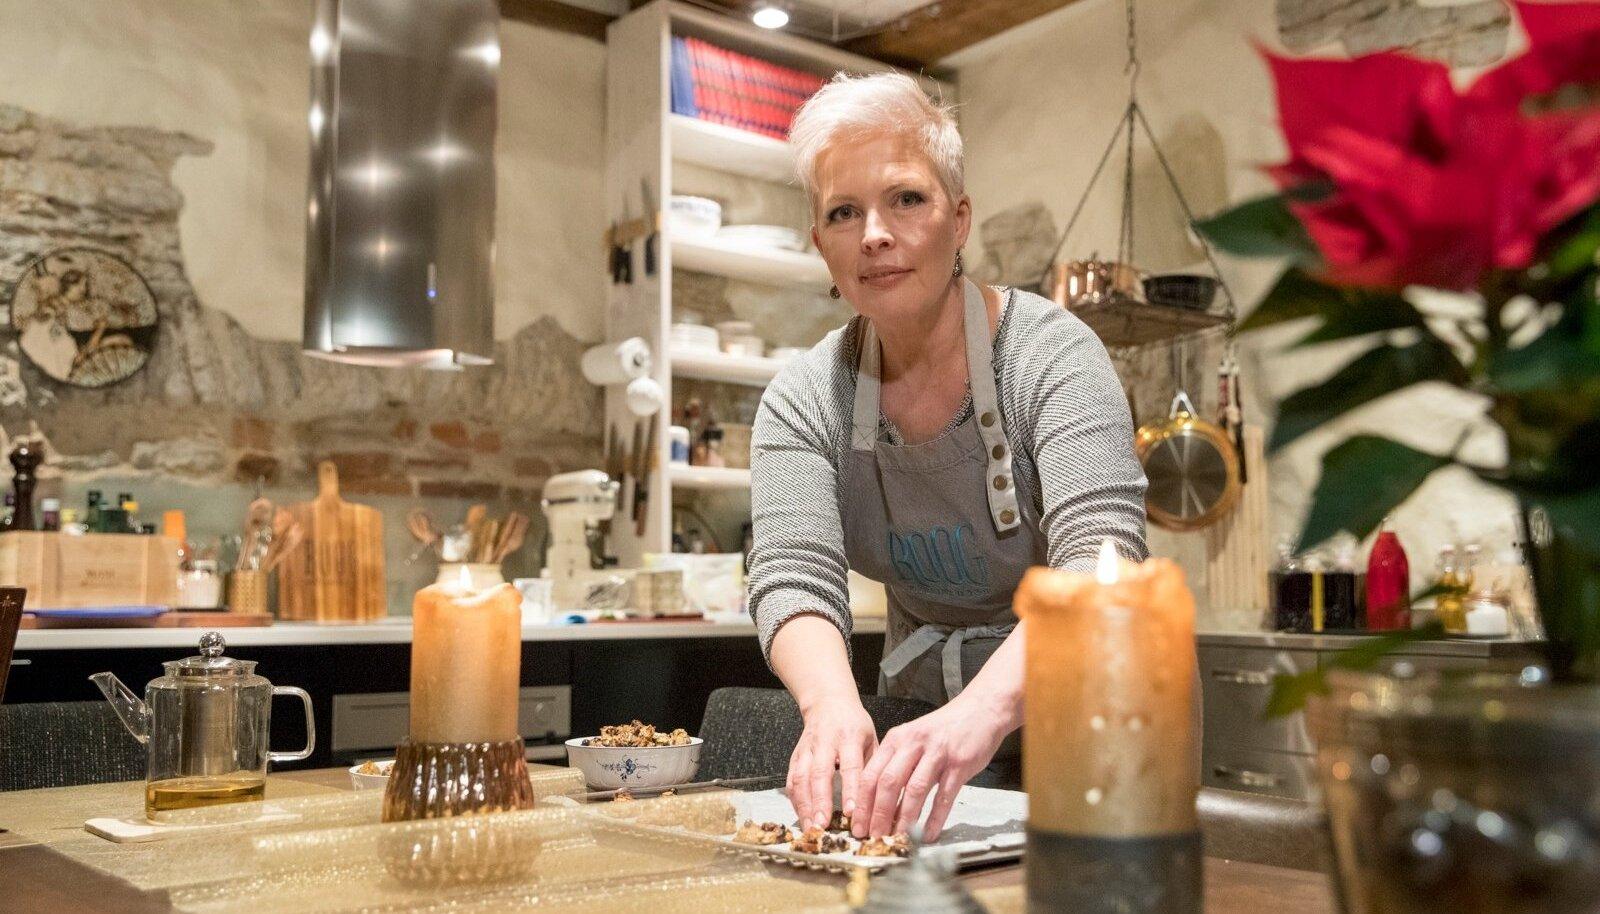 """Evelin Ilvese suvel Hiiumaal käivitunud resto Roog kolis sügisel Tallinna vanalinna. """"Olen lõppeva aasta jooksul kõige rohkem üllatanud ilmselt iseennast,"""" tunnistab Evelin äsja ahjust võetud küpsiseid kaussi ladudes."""